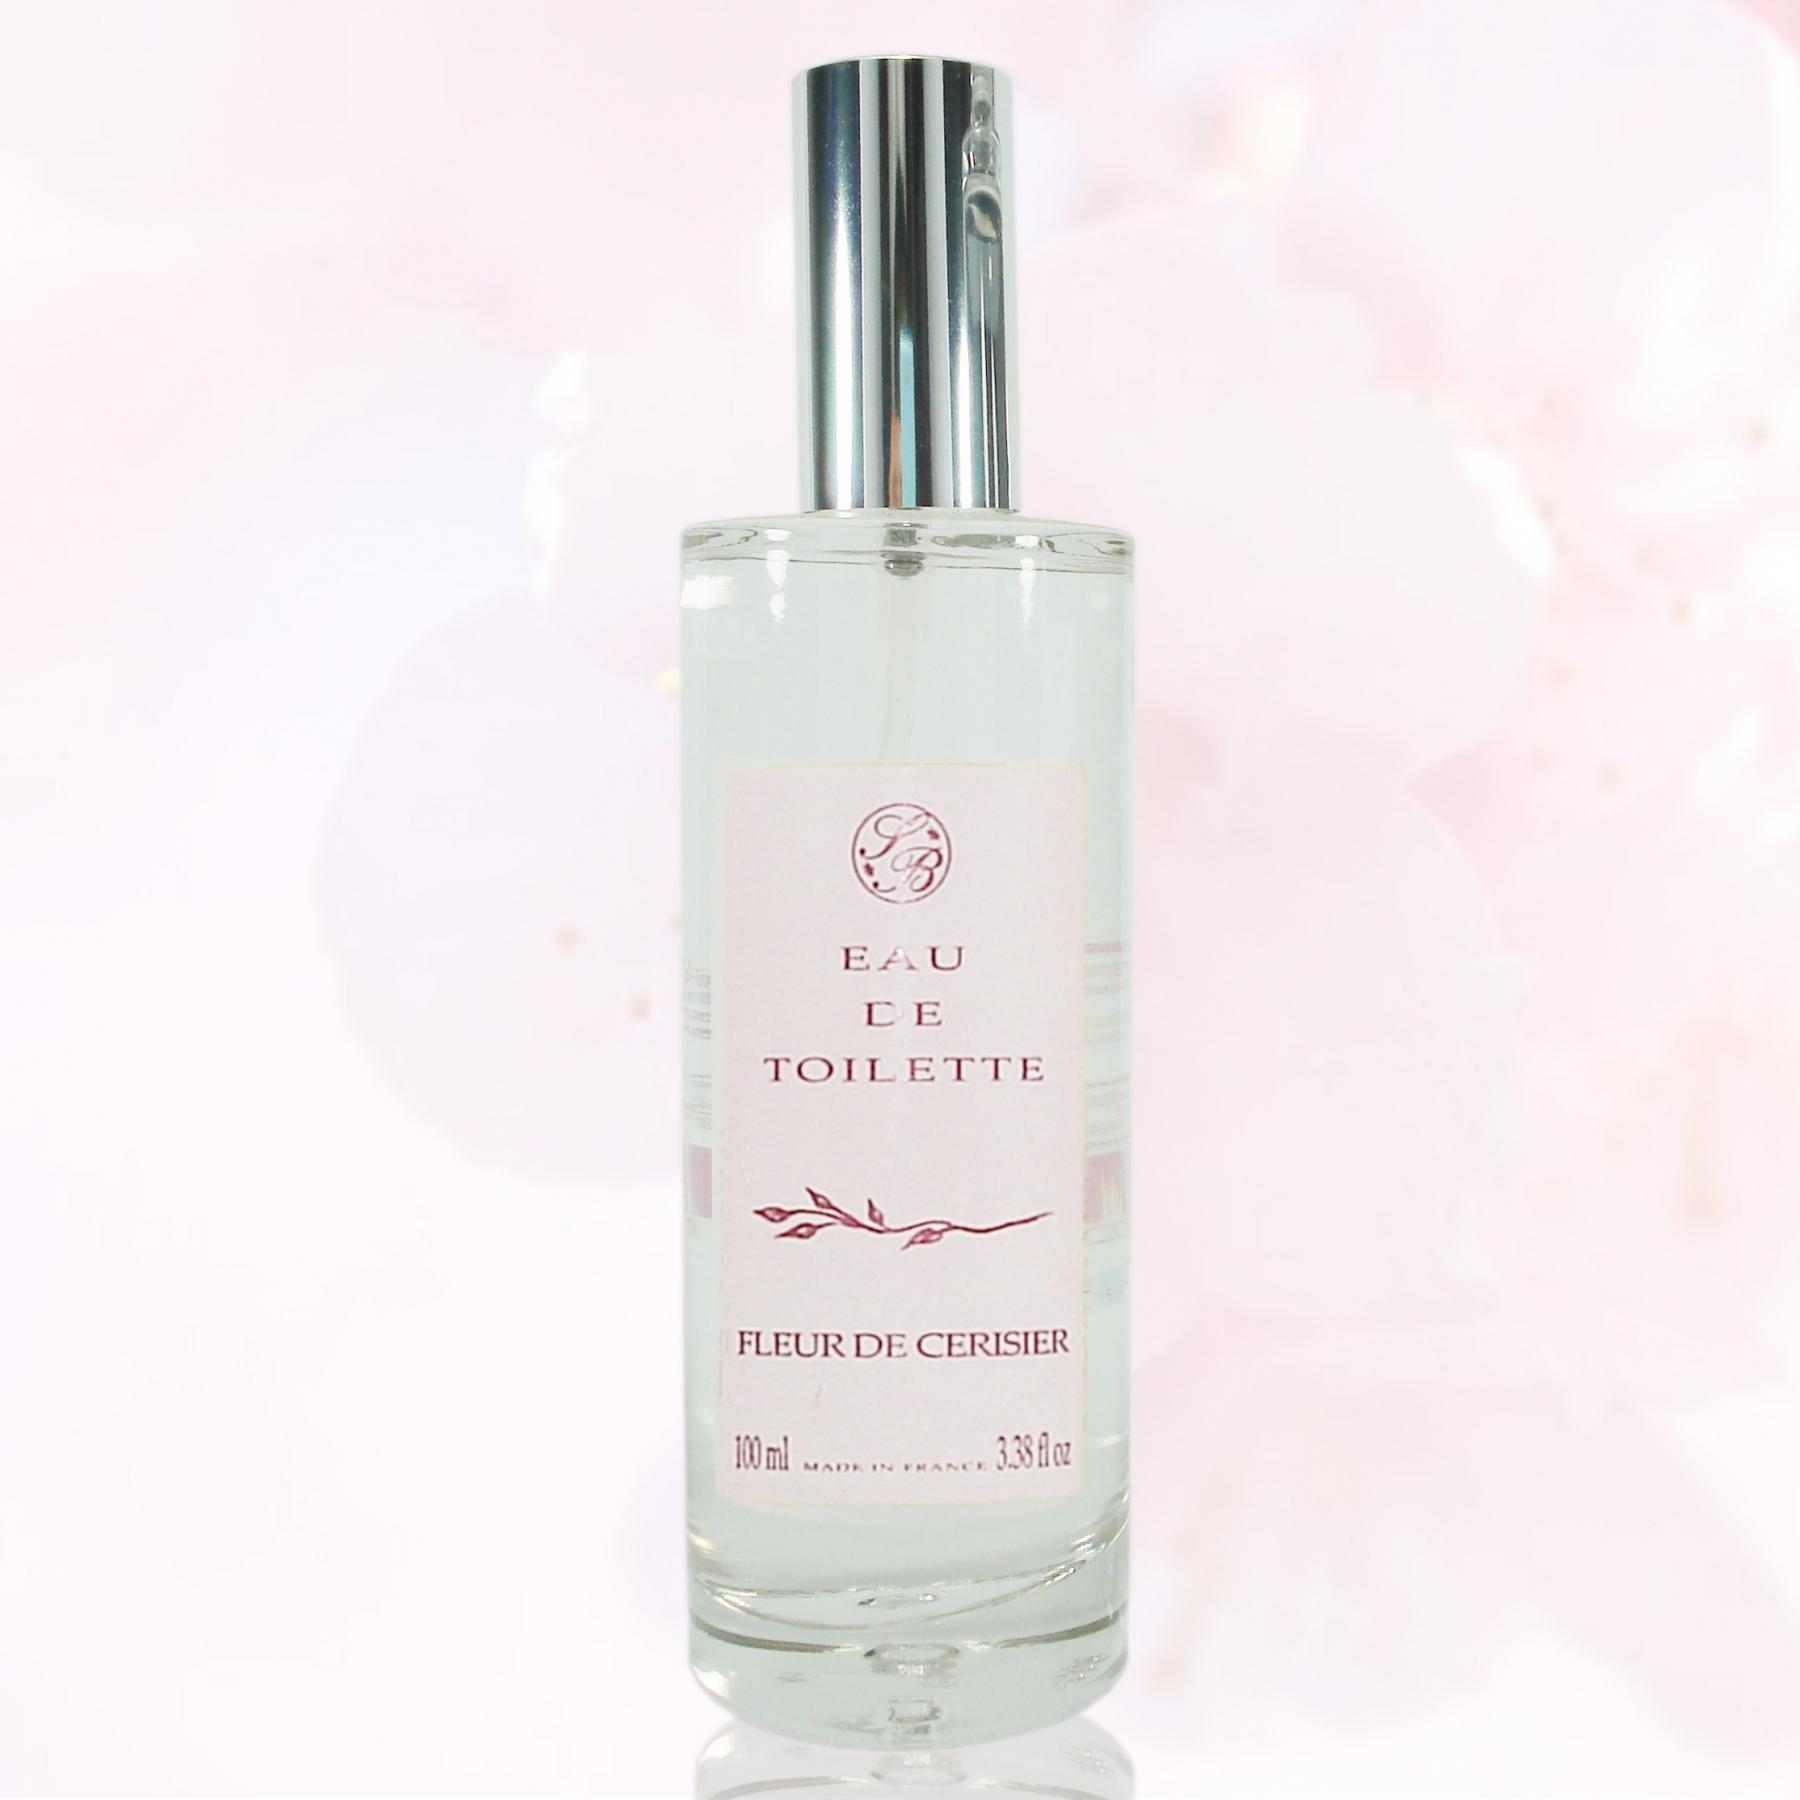 Eau de toilette Fleurissante- Fleur de Cerisier - 100 ml - Savonnerie de Bormes